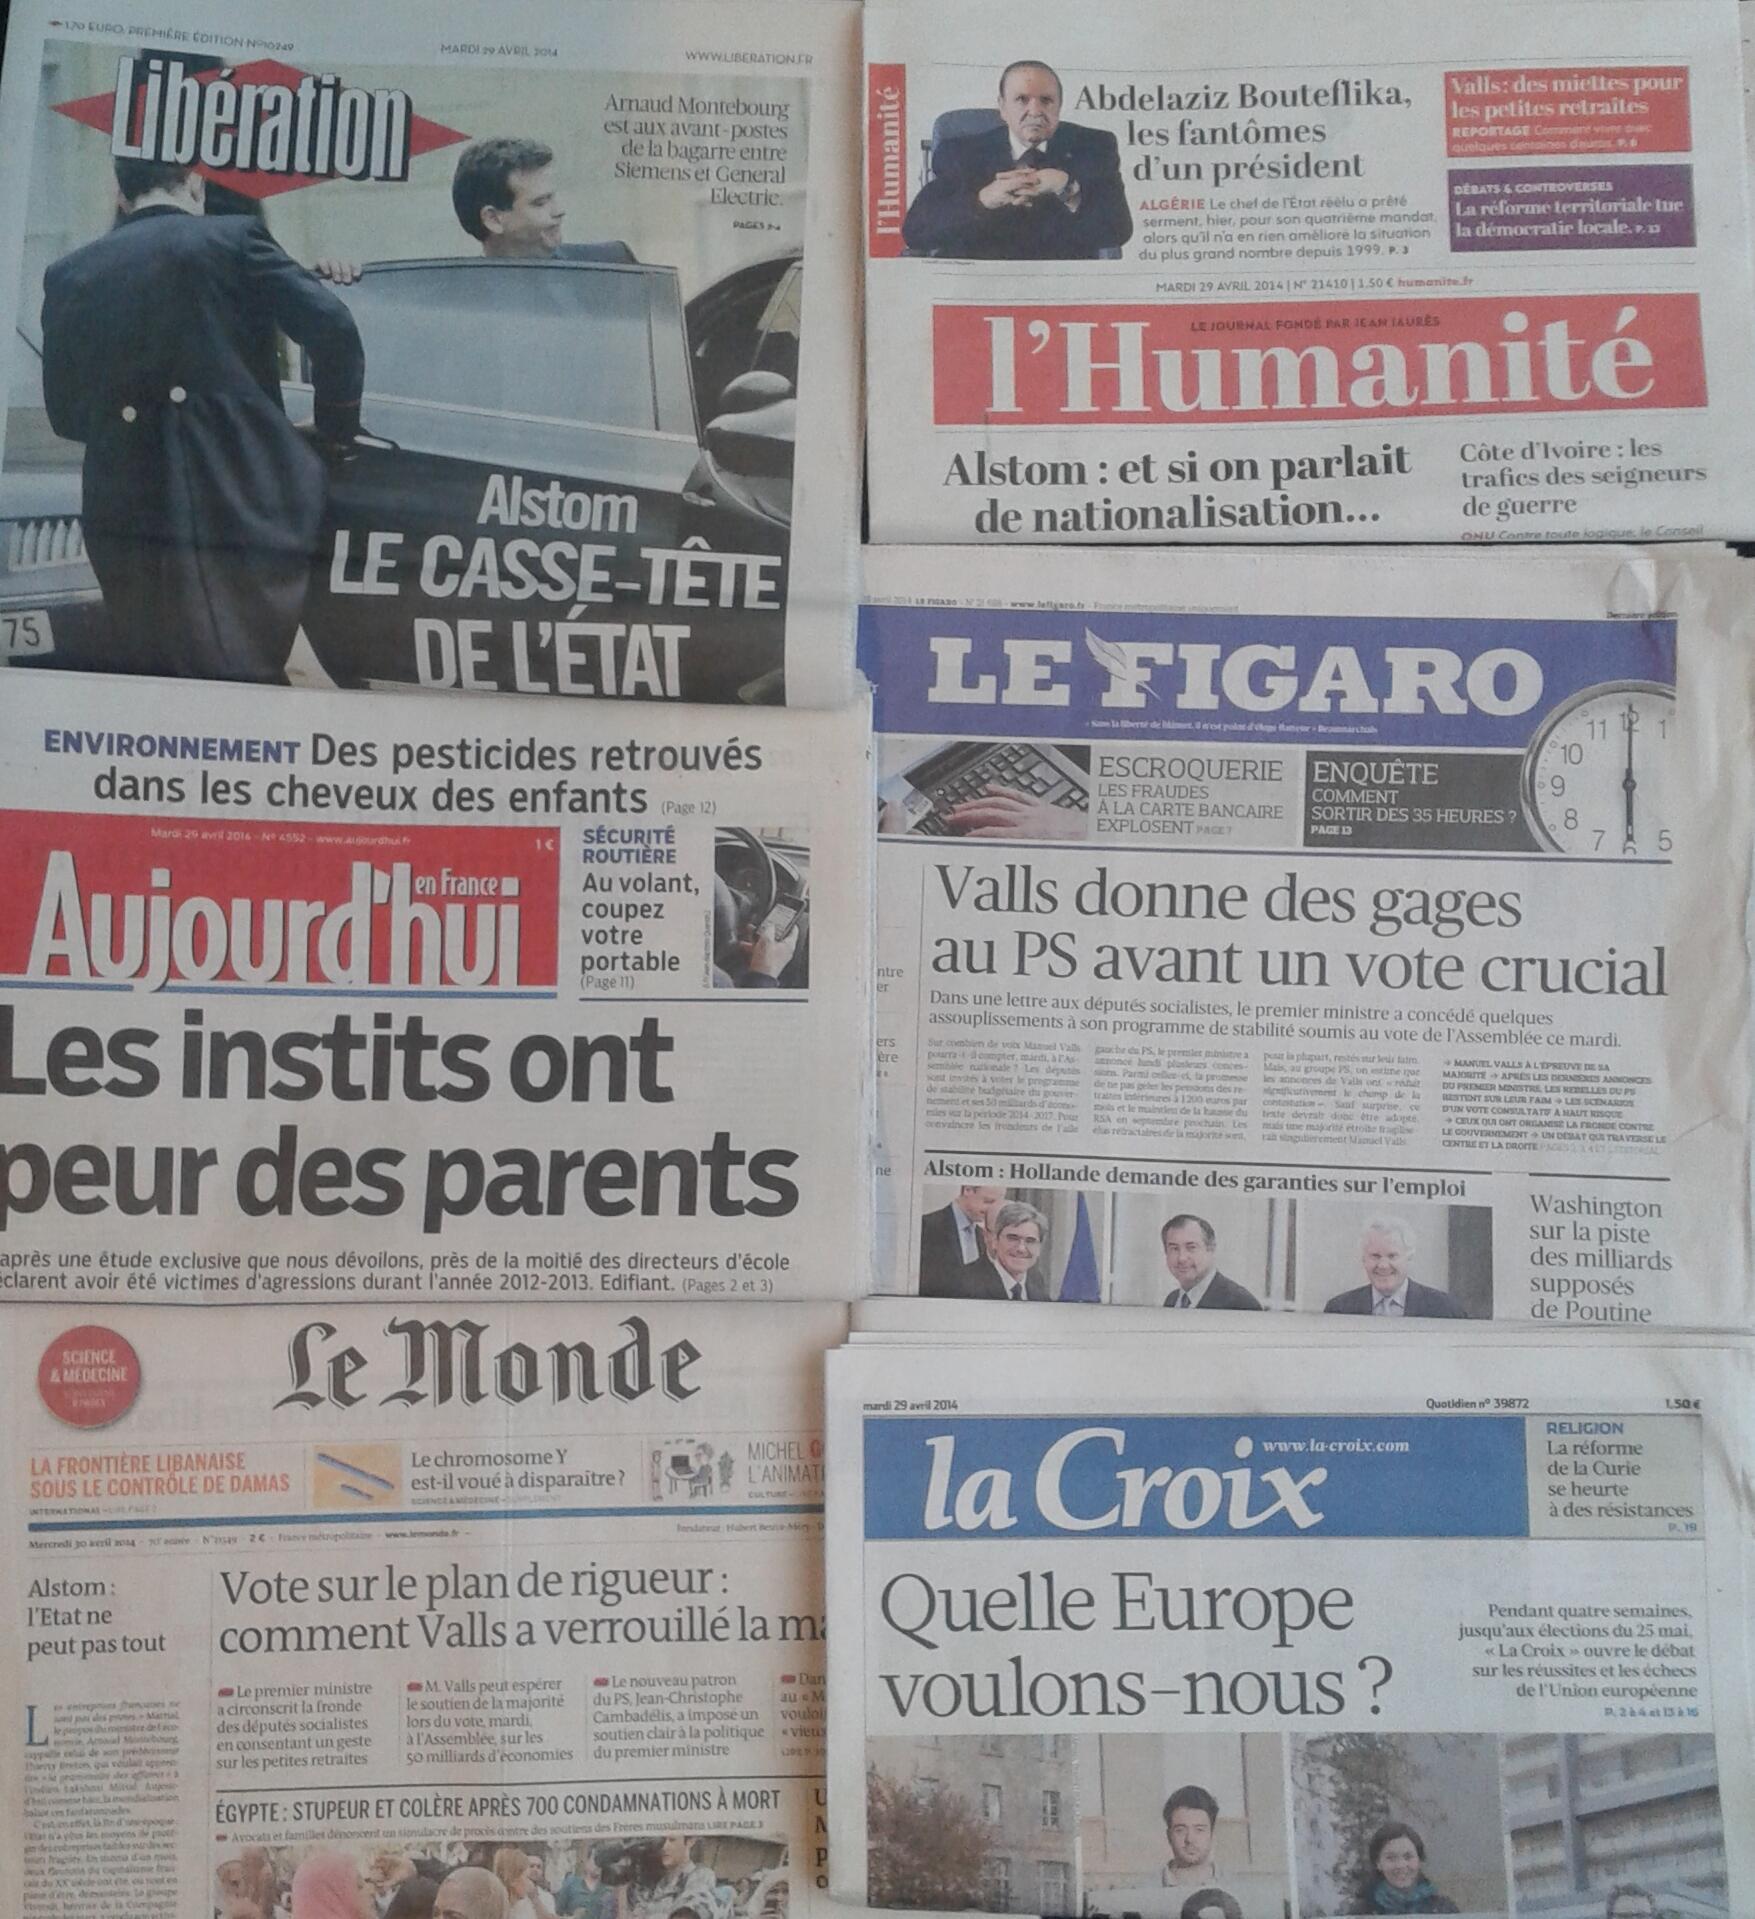 Imprensa francesa do dia 29.3.2014